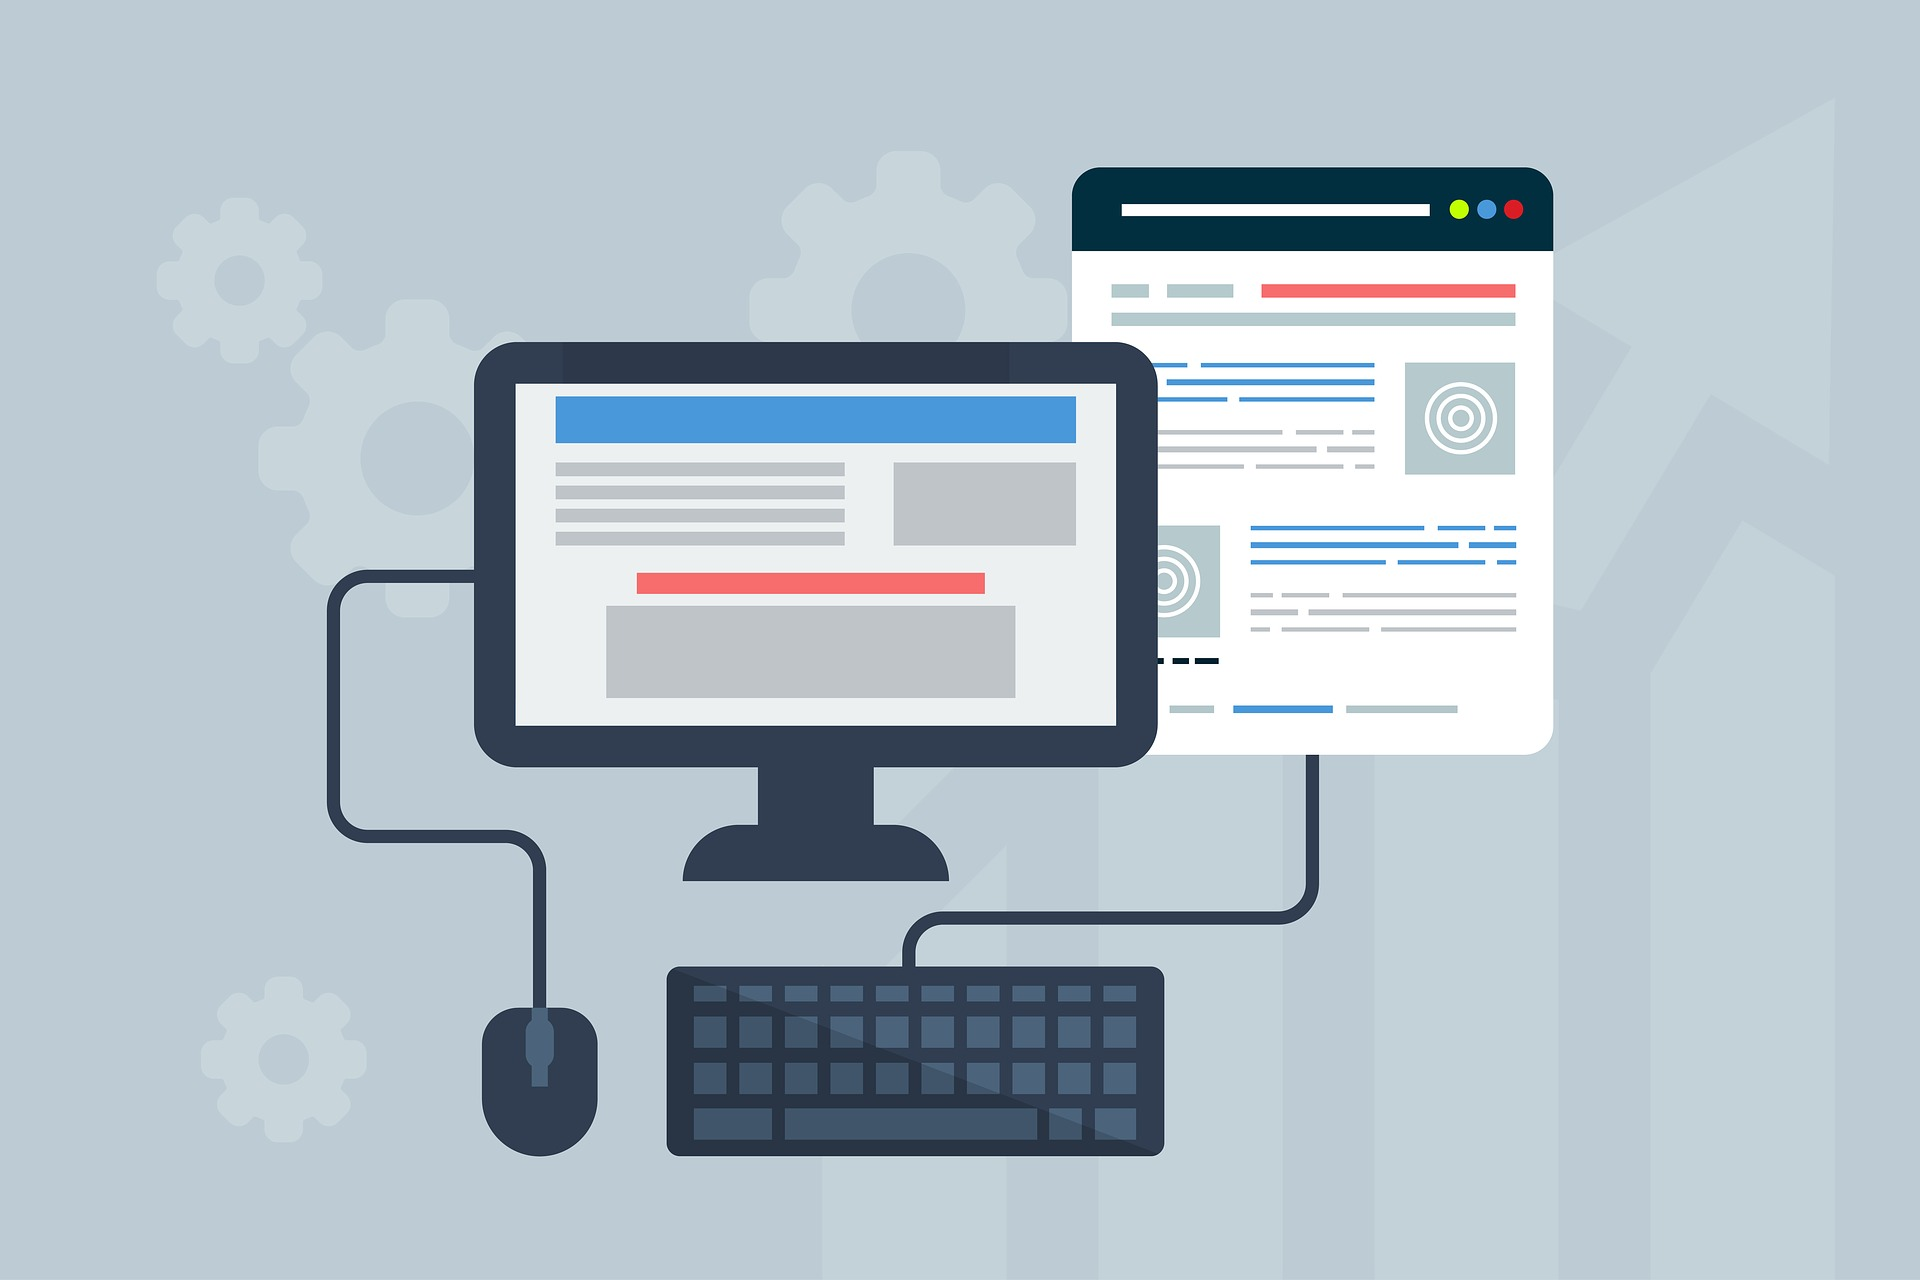 Bildschirm und Webseite mit Tastatur und Maus verbunden